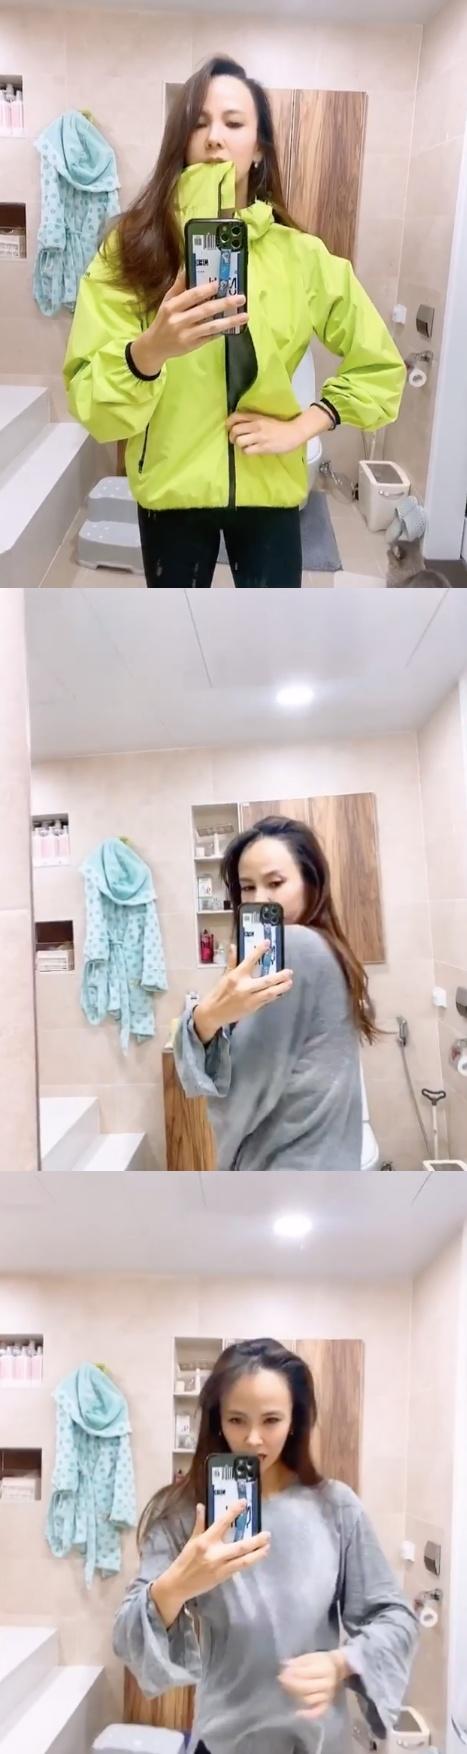 레이먼 킴♥ 김지우, 아침부터 운동 삼매경 땀 흥건 감탄 관리의 여왕 [★SHOT!]